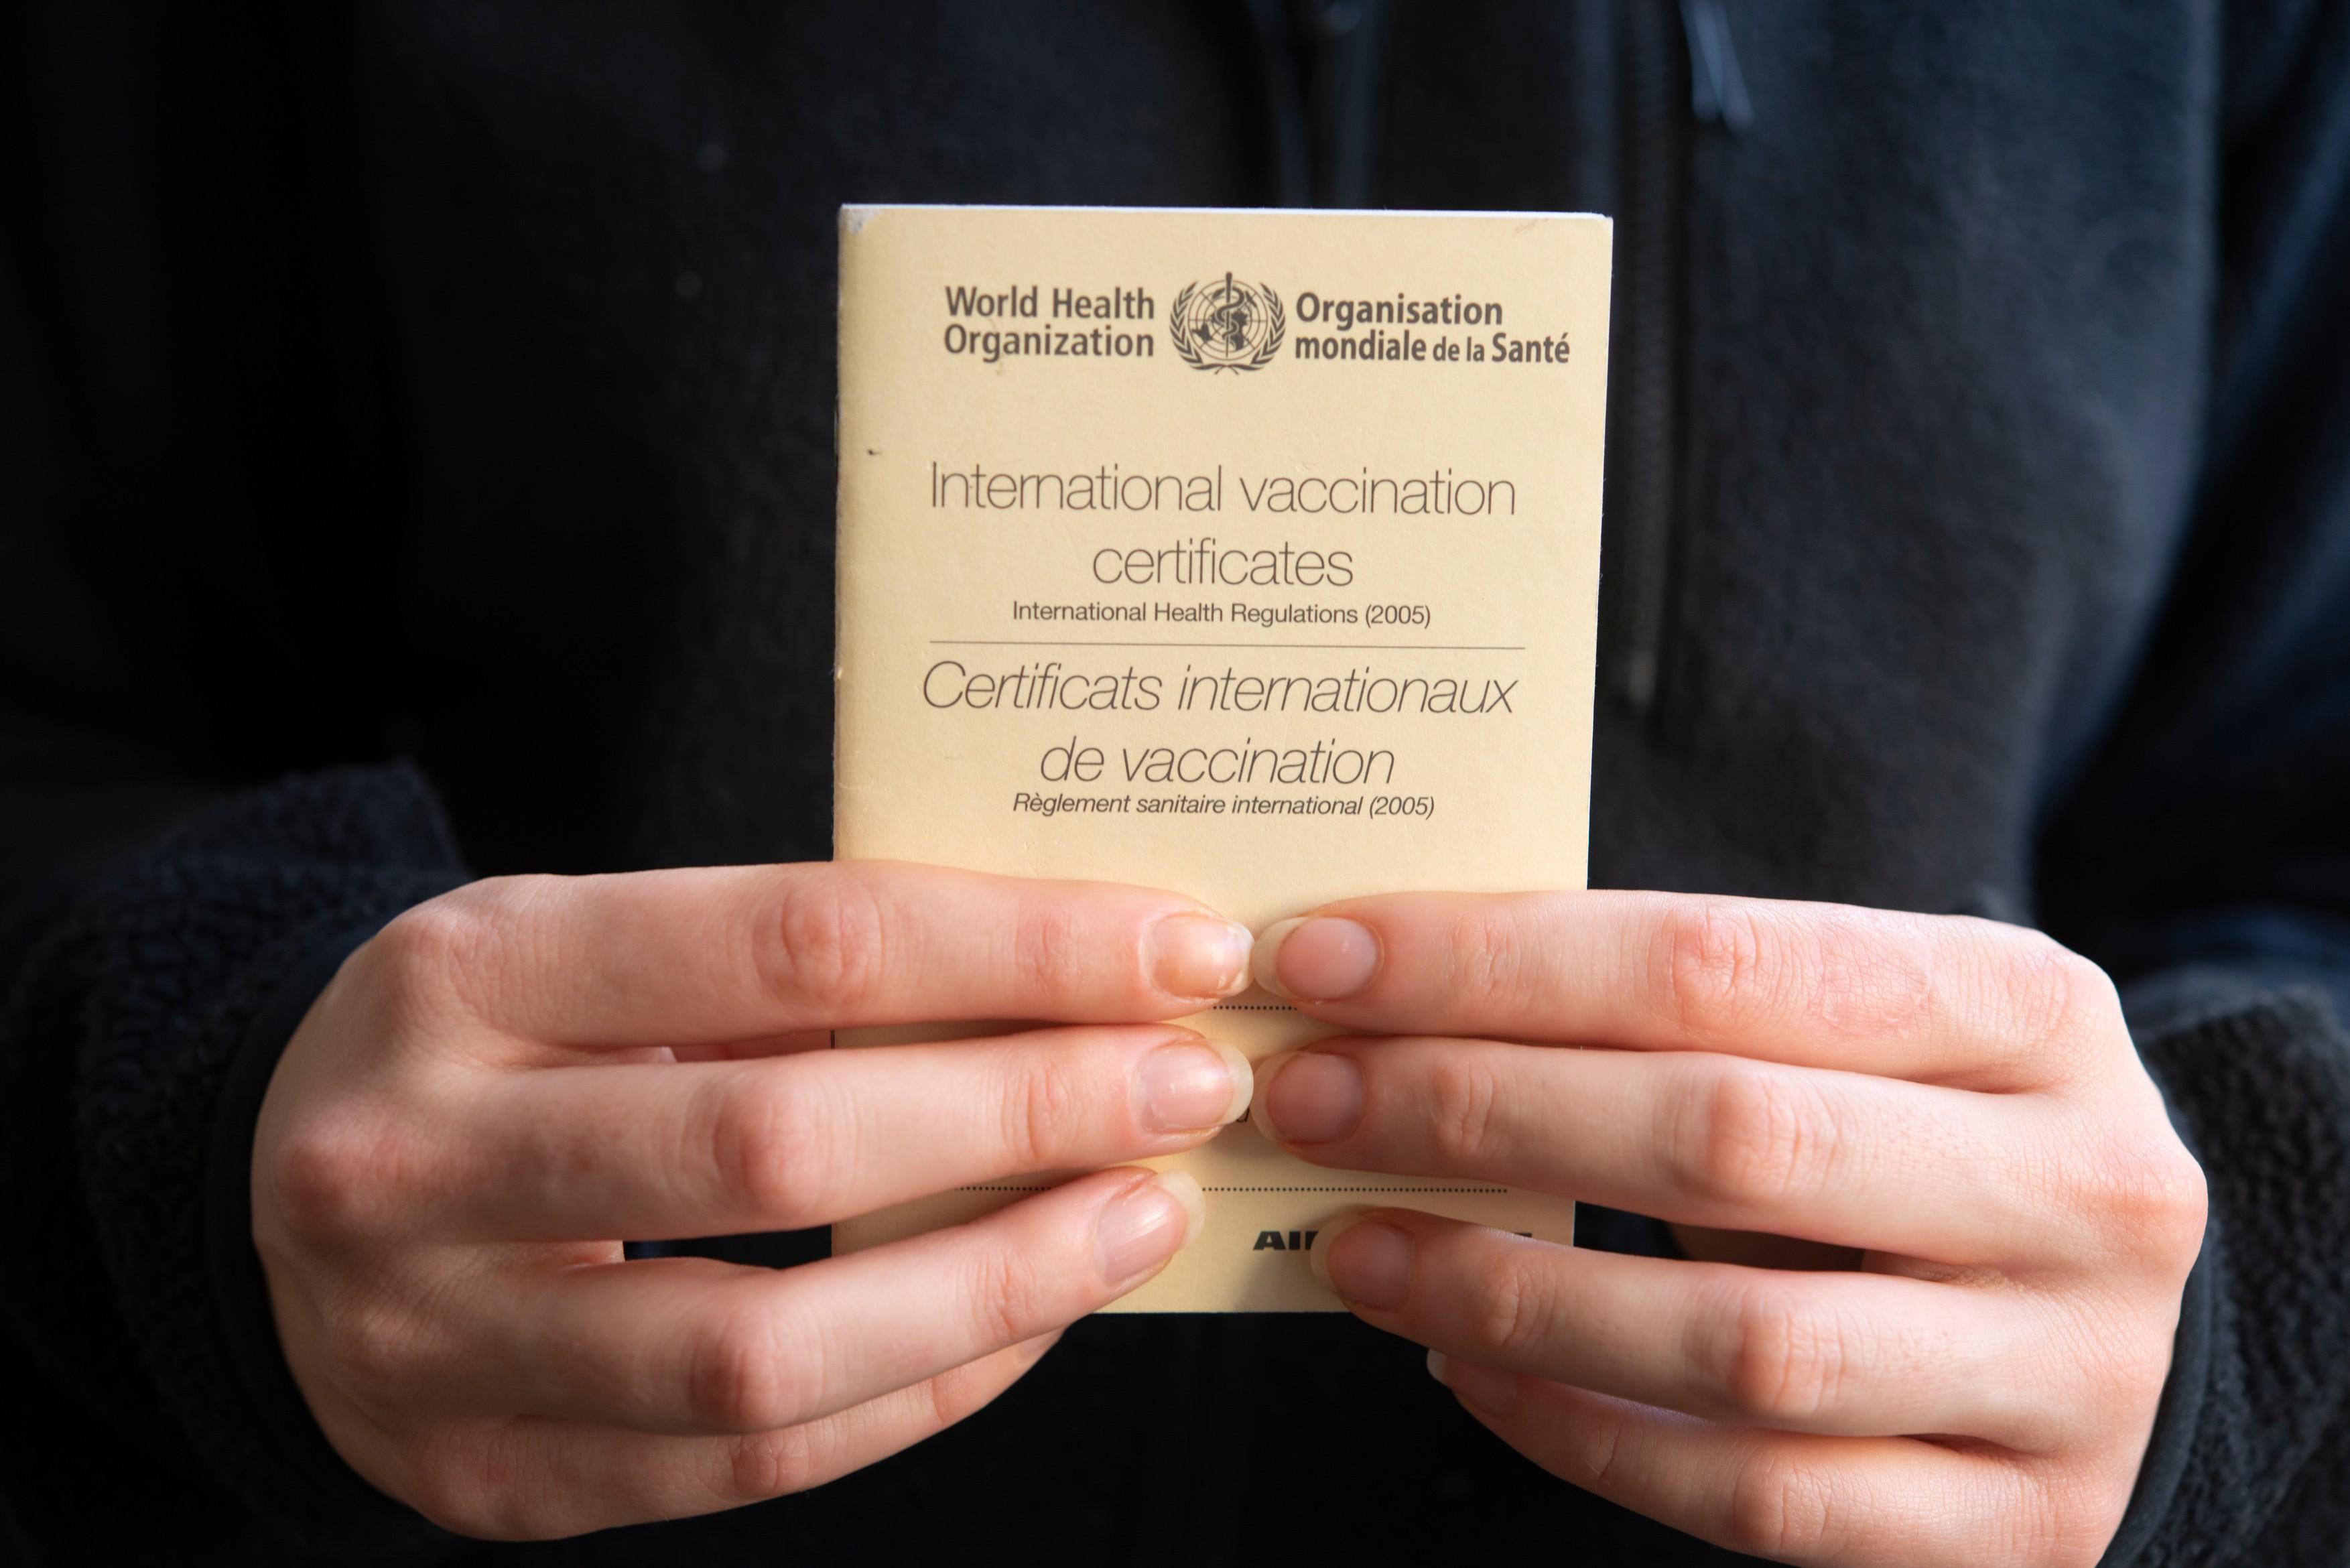 COMENTARIU Crenguţa Nicolae: Ia-ţi paşaport de vaccinare, arată că îţi pasă!